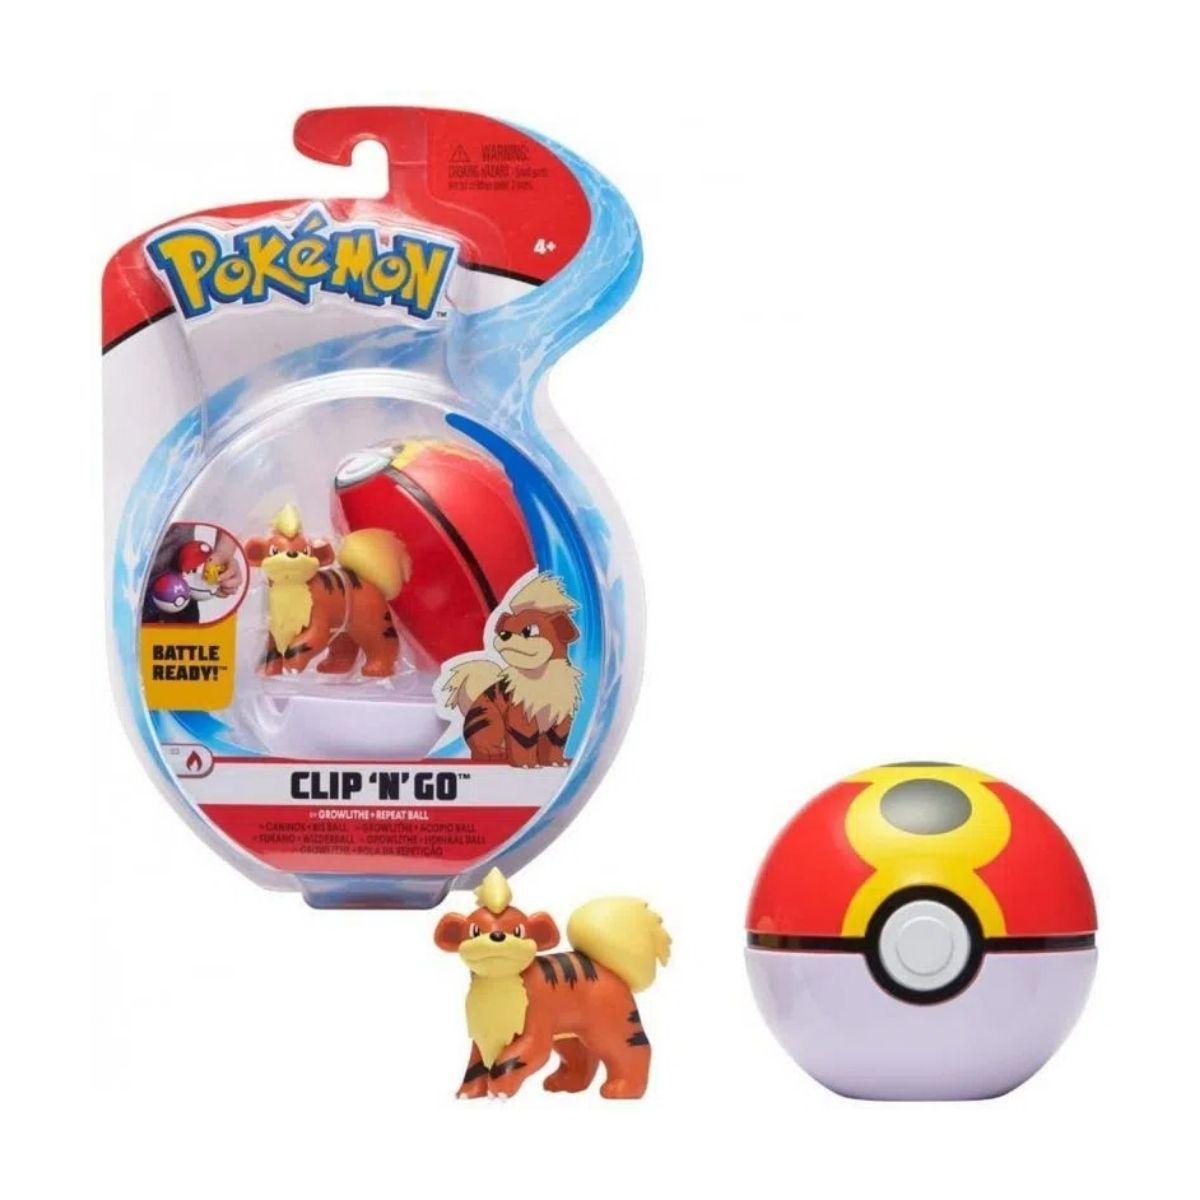 Boneco Growlithe e Bola Repetição Repeat Ball: Pokémon (Clip'n'Go) - Sunny